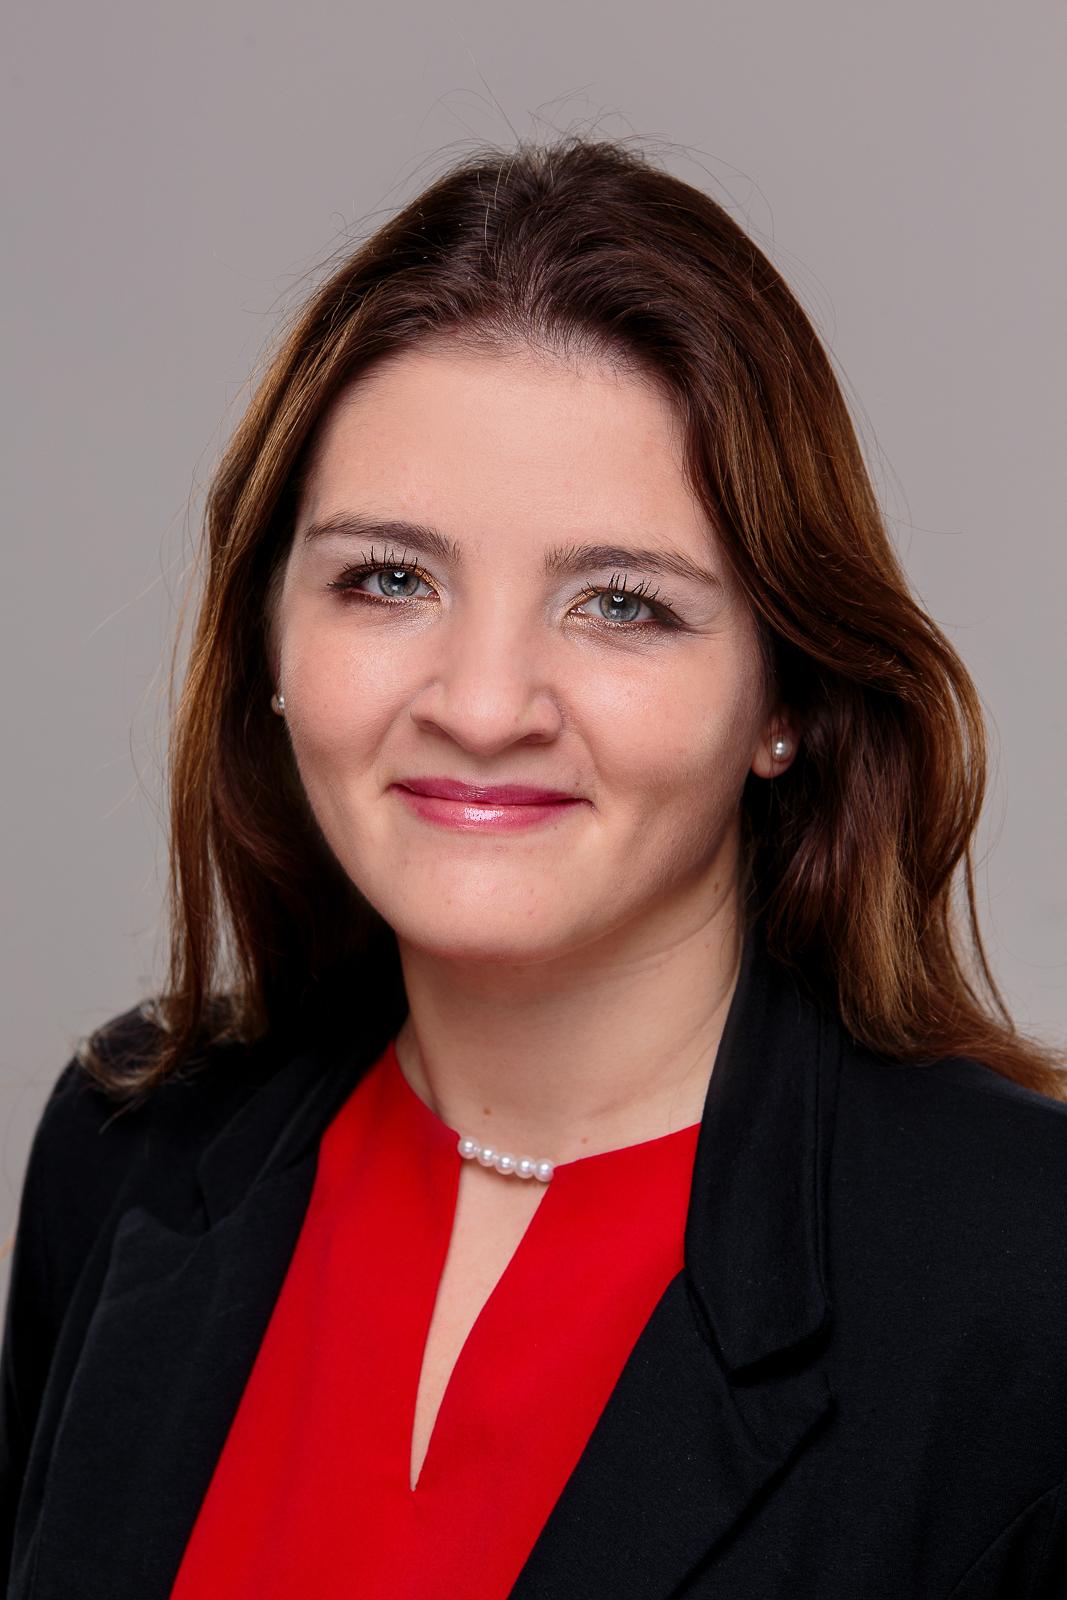 Aneta Nagas